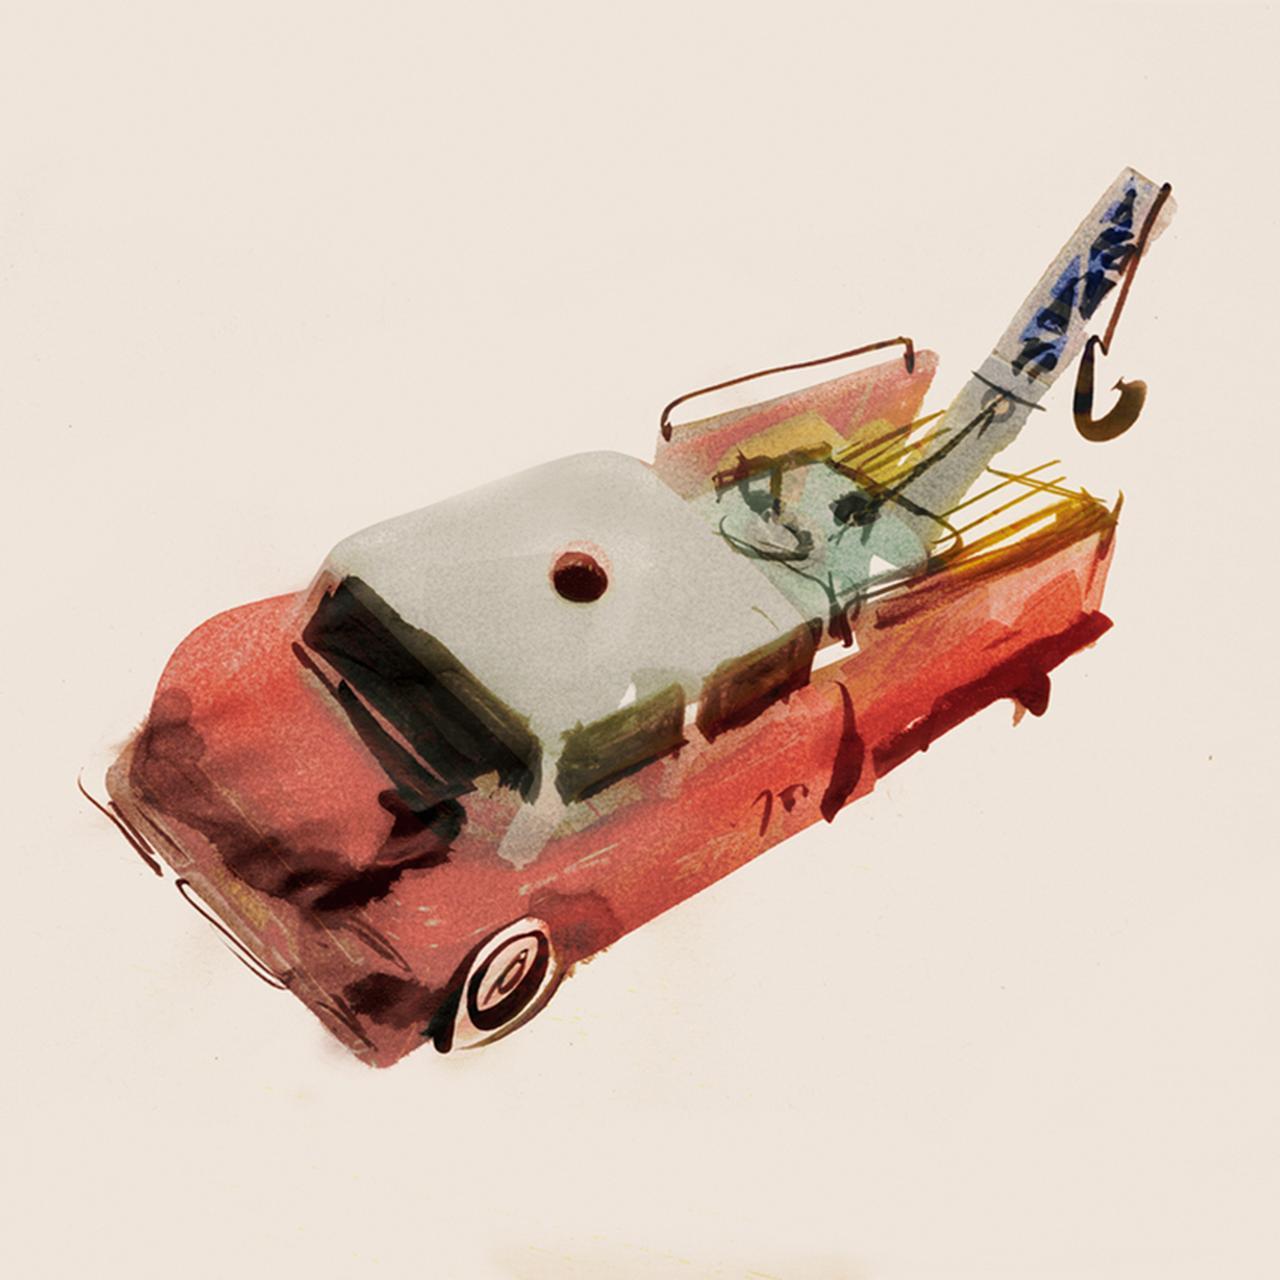 Images : 錫(すず)製のレッカー車/1970年代